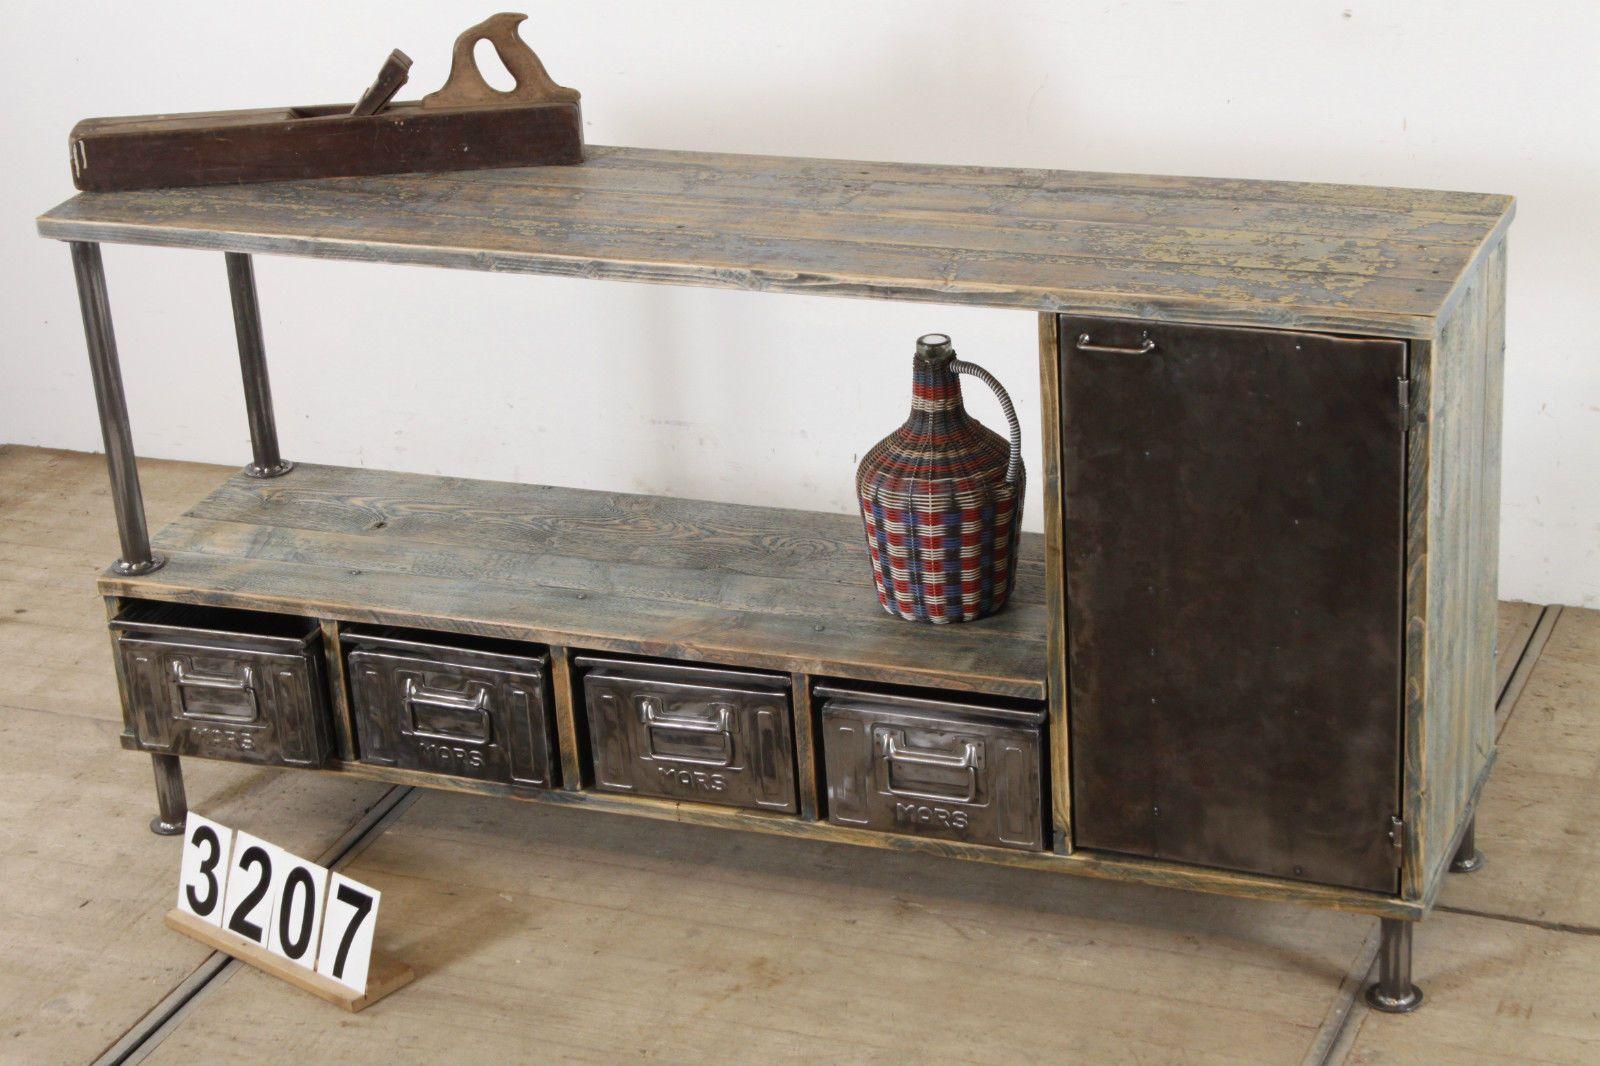 Anrichte Tv Mobel Regal Vintage Loft Industrie Nr3207 In Mobel Wohnen Tv Mobel Vintage Loft Diy Mobel Regal